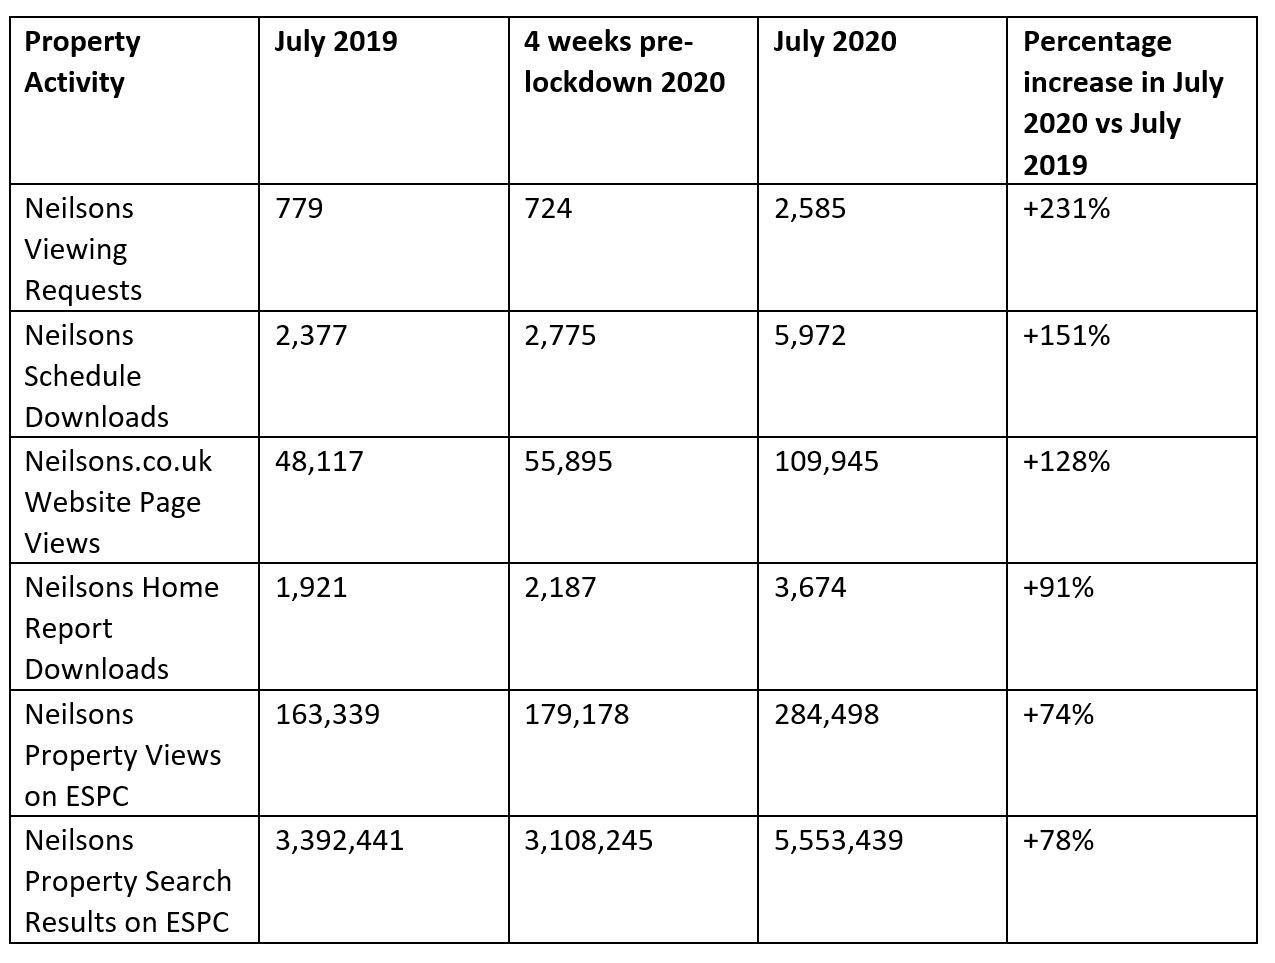 Edinburgh property market July 2020